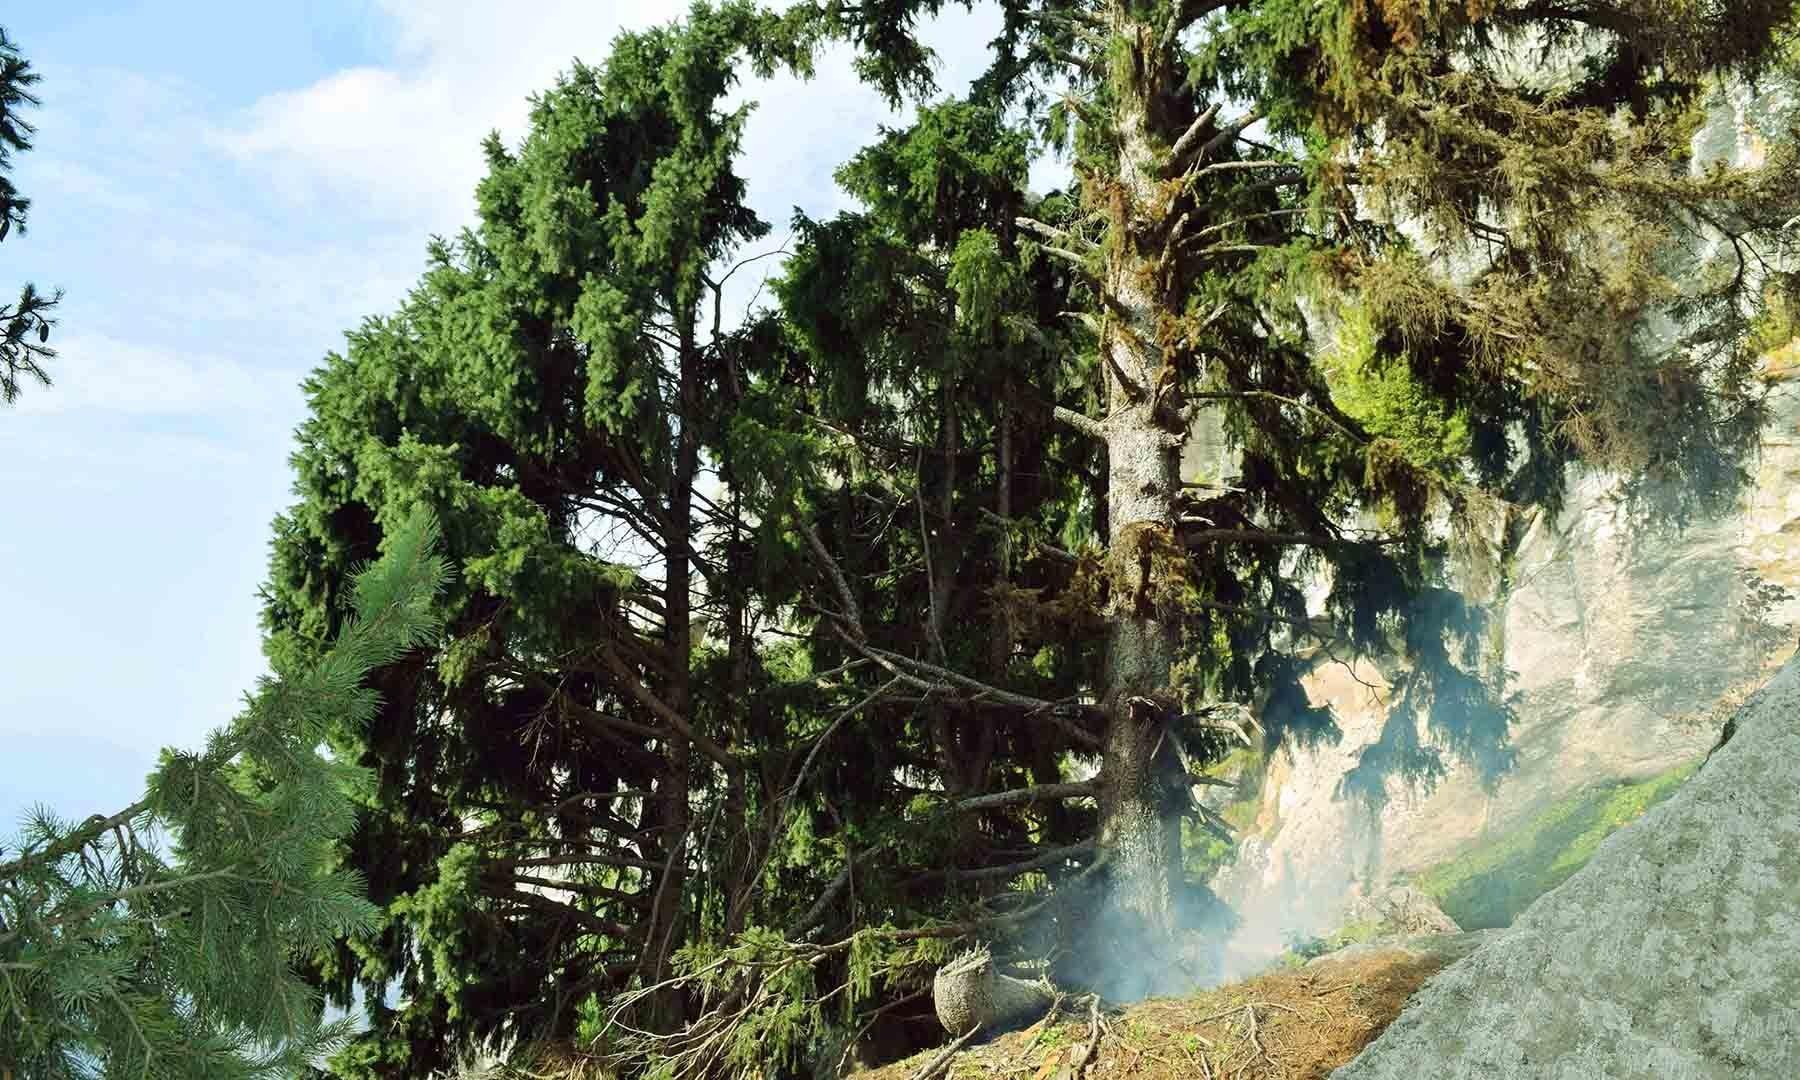 درخت کی جڑوں کو آگ لگائی گئی ہے، تاکہ اس کے کاٹنے کا جواز پیدا کیا جاسکے۔